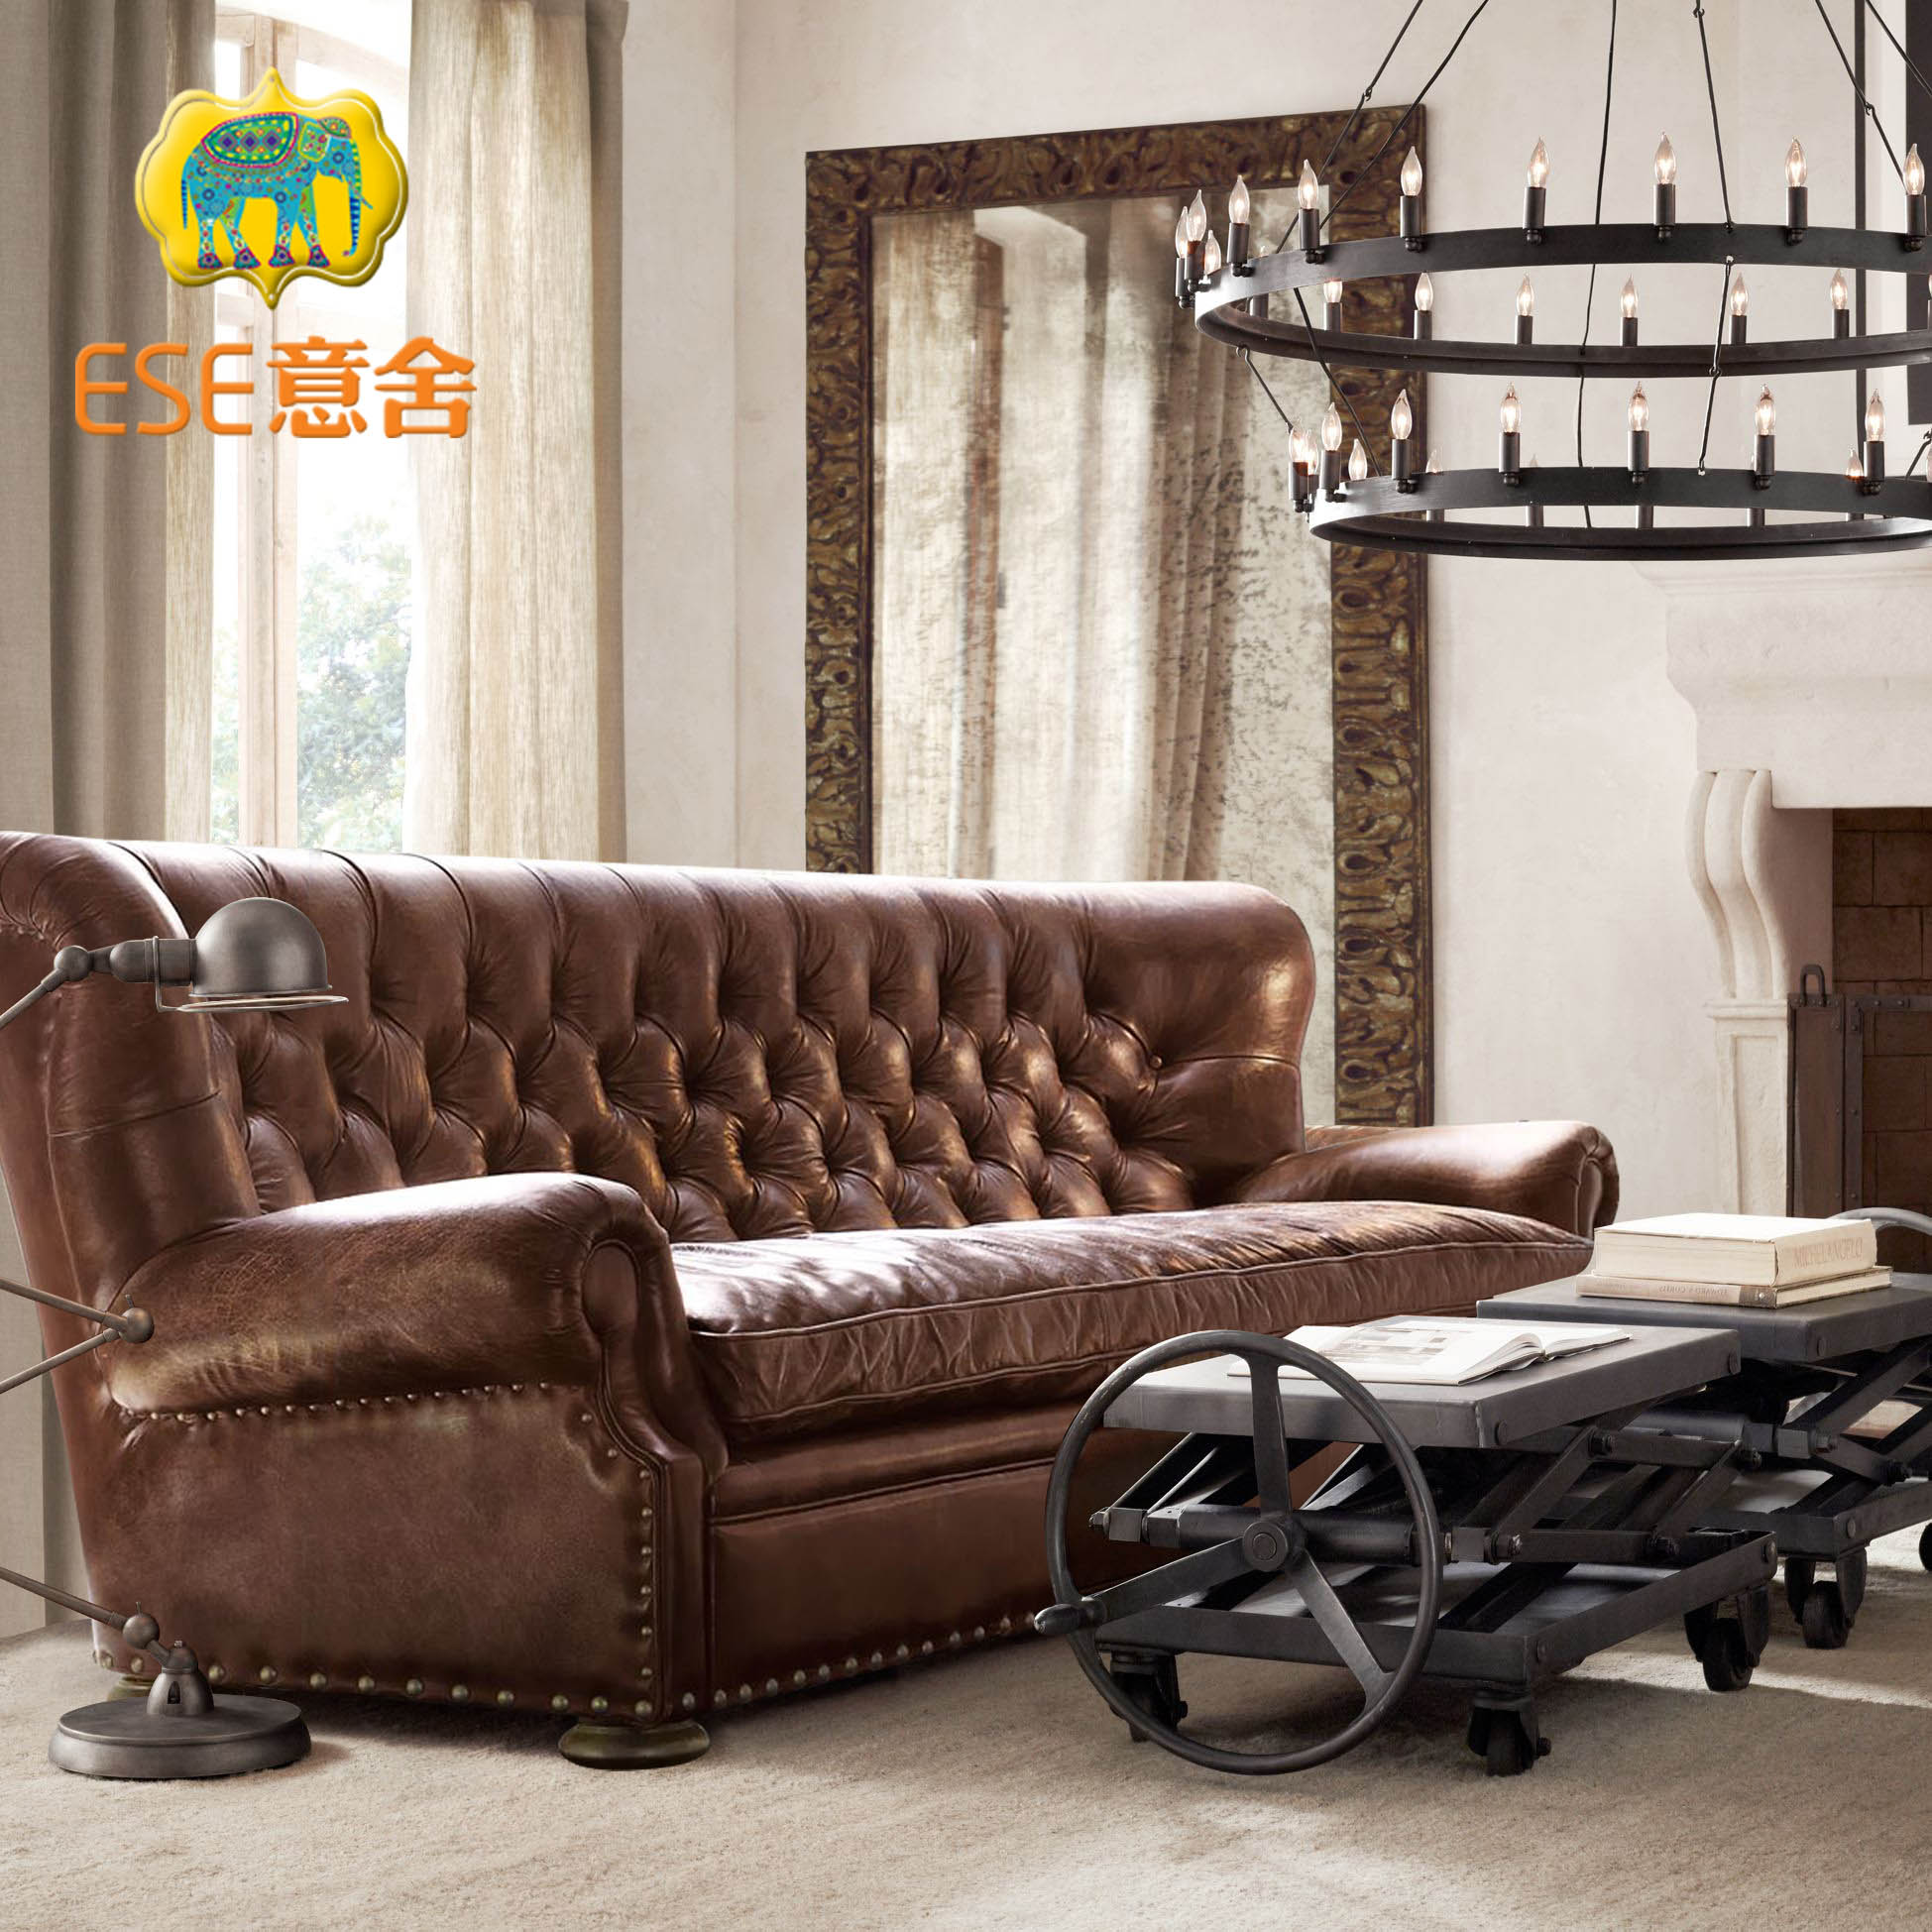 意舍美式复古皮沙发真皮三人位沙发油蜡皮沙发客厅组合沙发别墅用